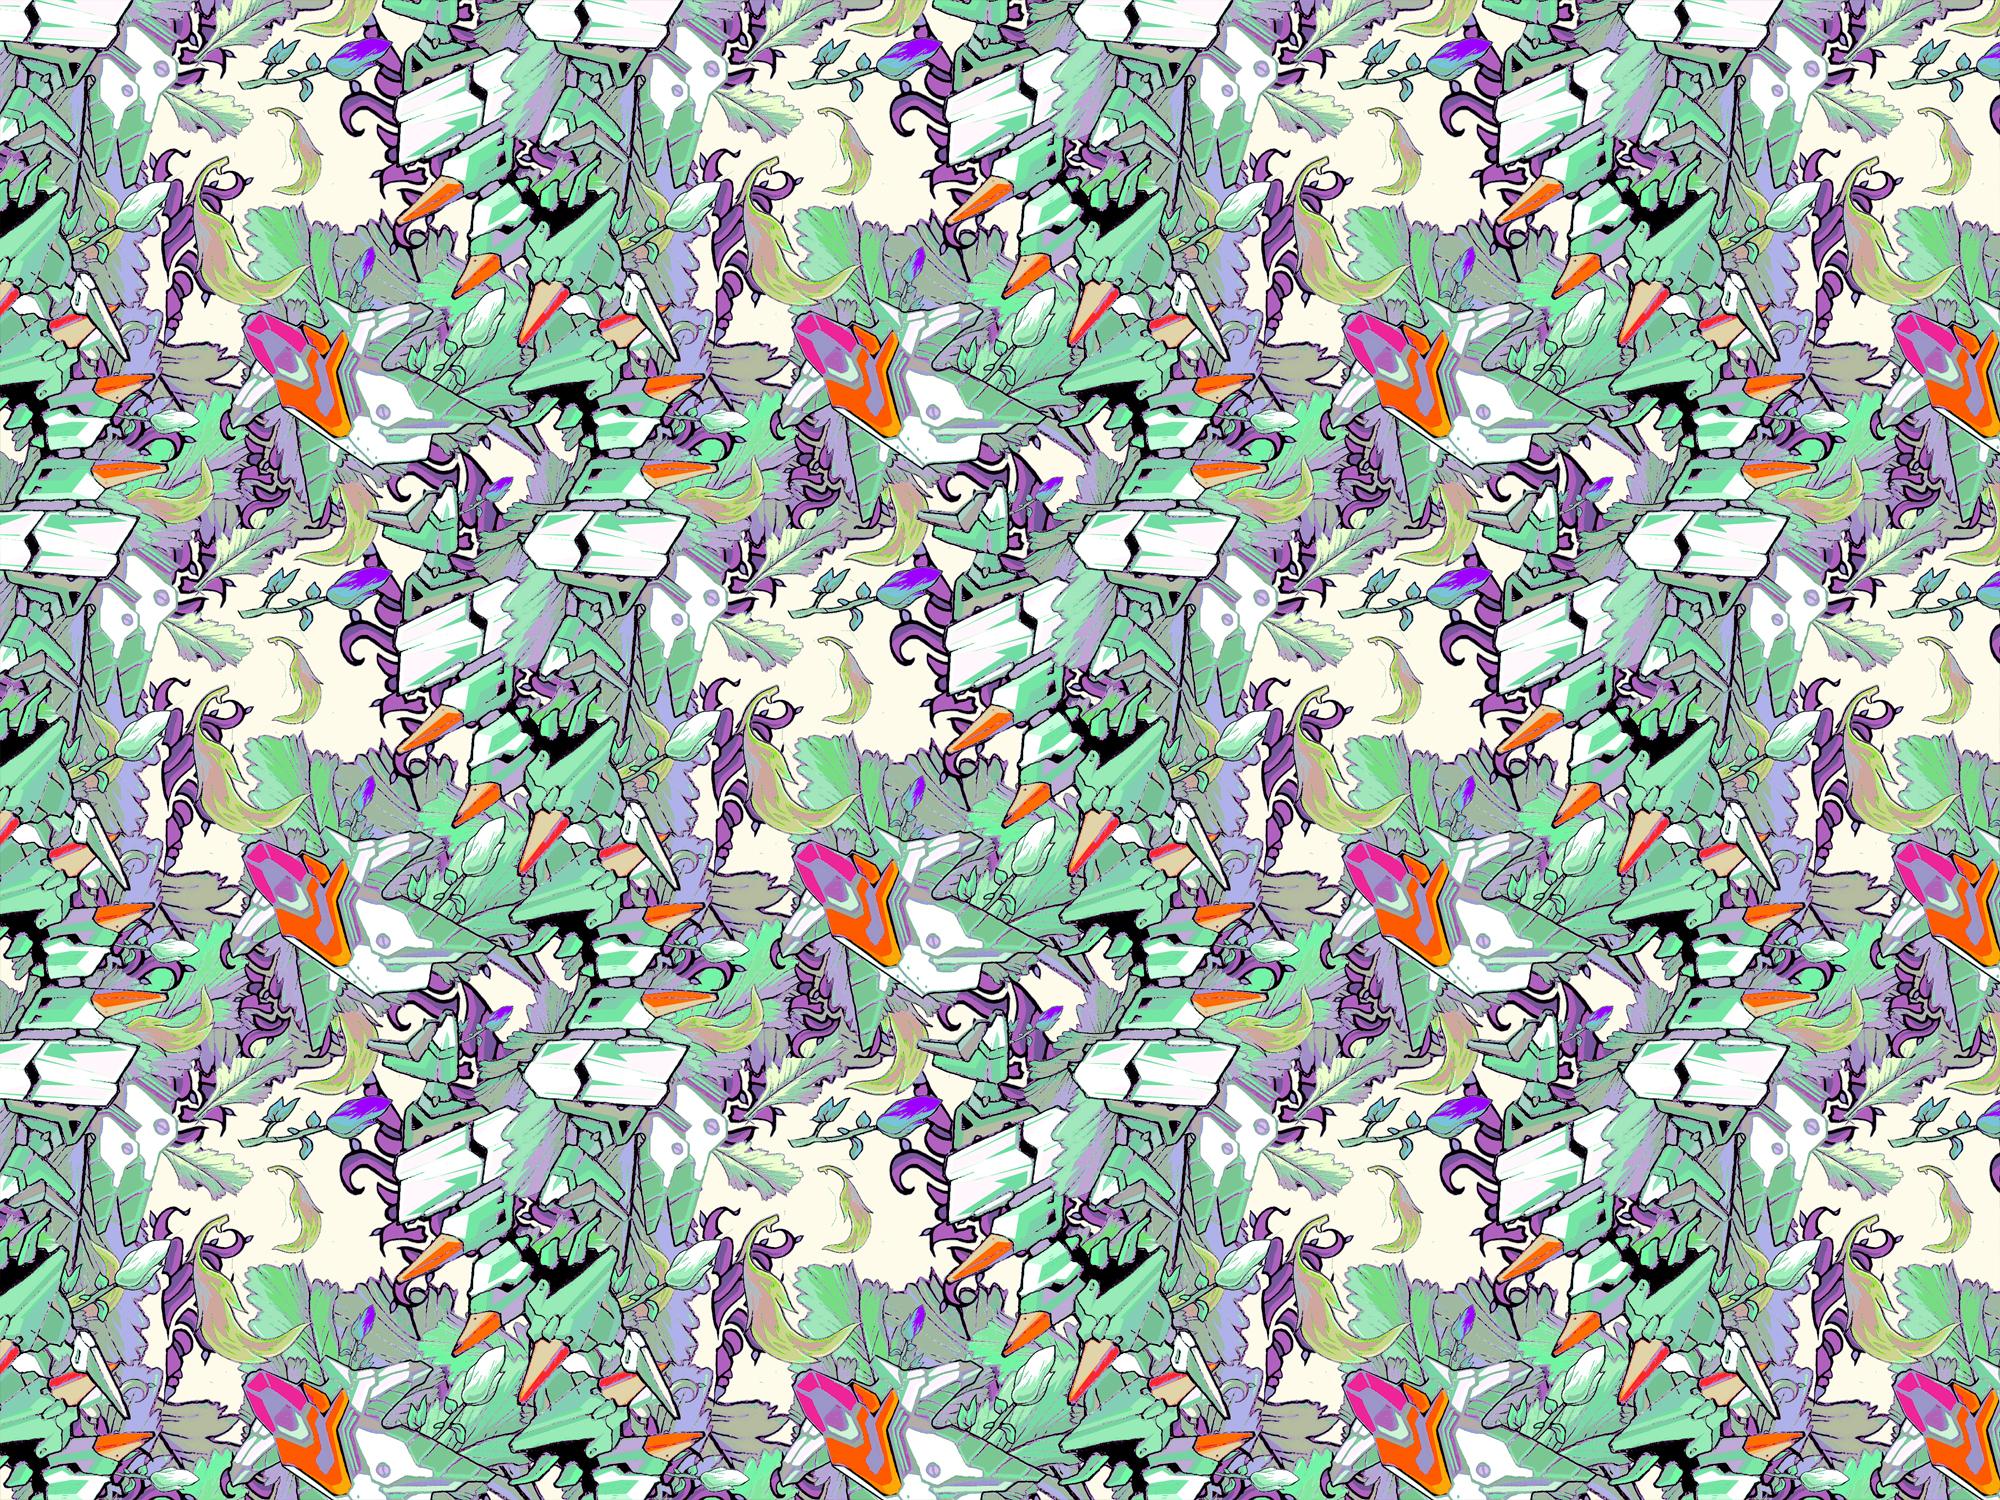 Wallpaper pattern design 11 Edouard Artus 2012 Edouard Artus 2000x1500